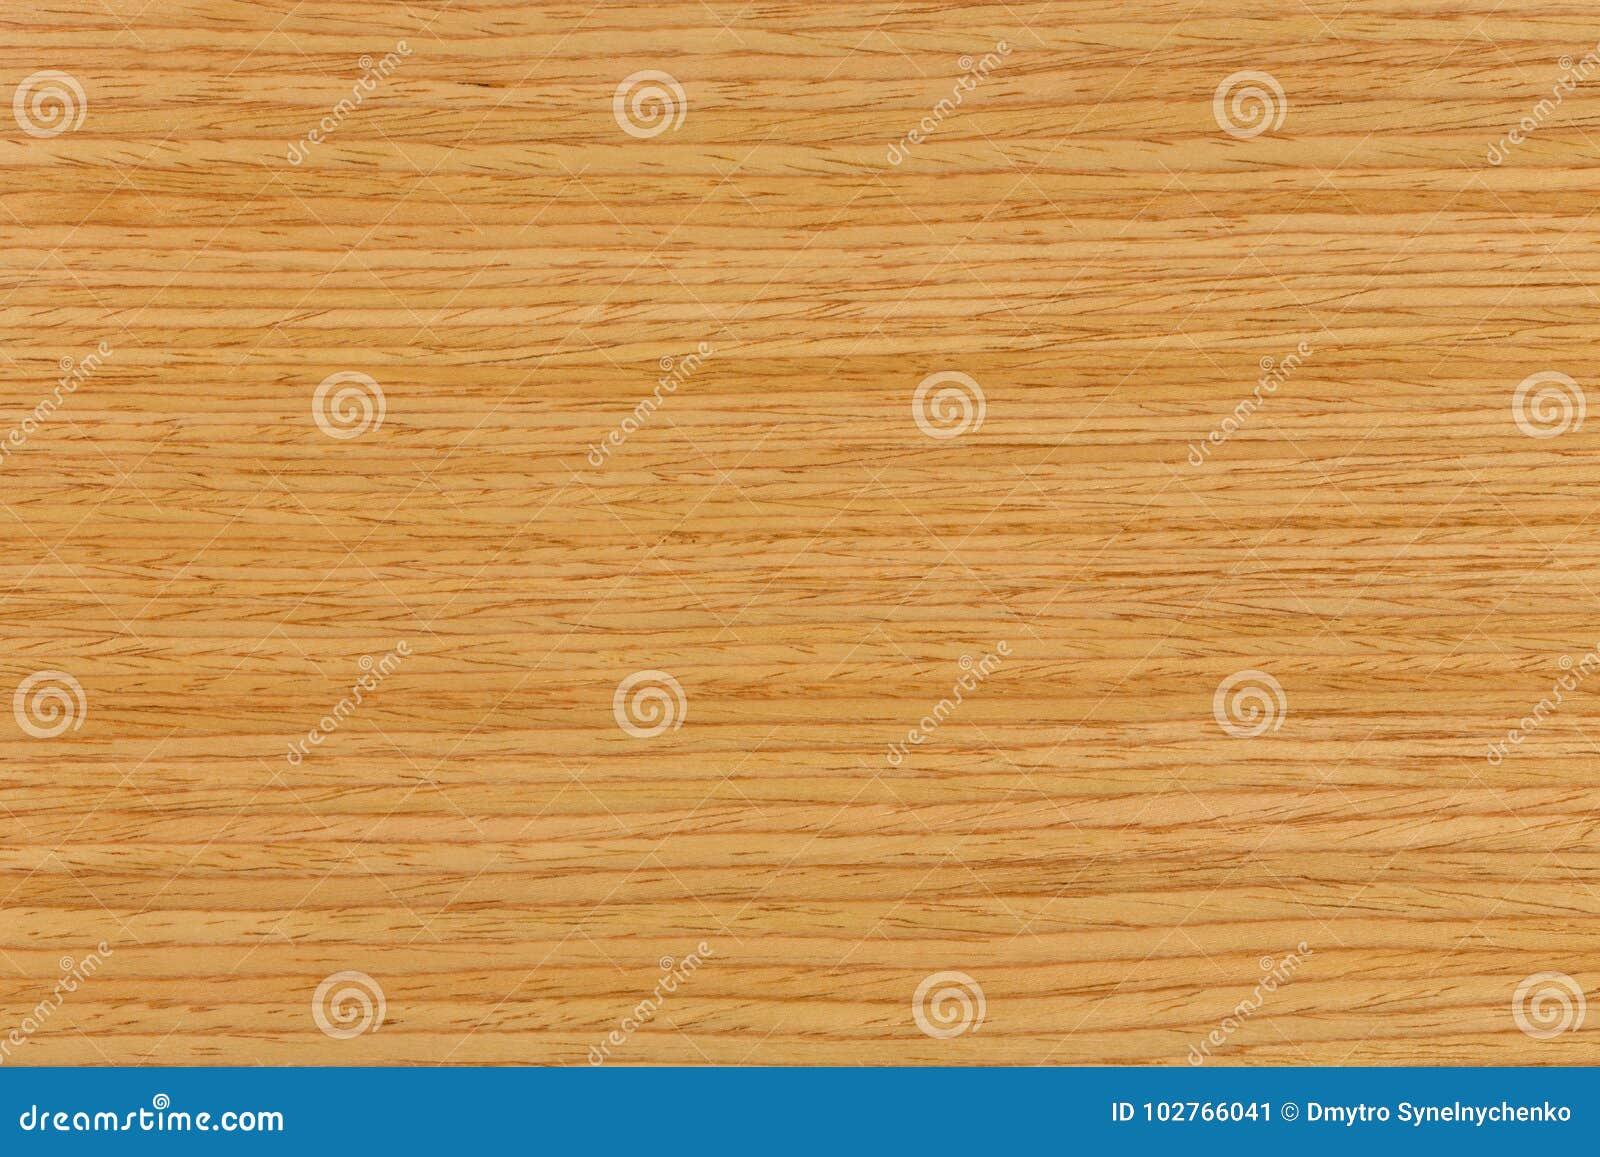 texture en bois de ch ne avec le mod le naturel image stock image du bloc vieux 102766041. Black Bedroom Furniture Sets. Home Design Ideas